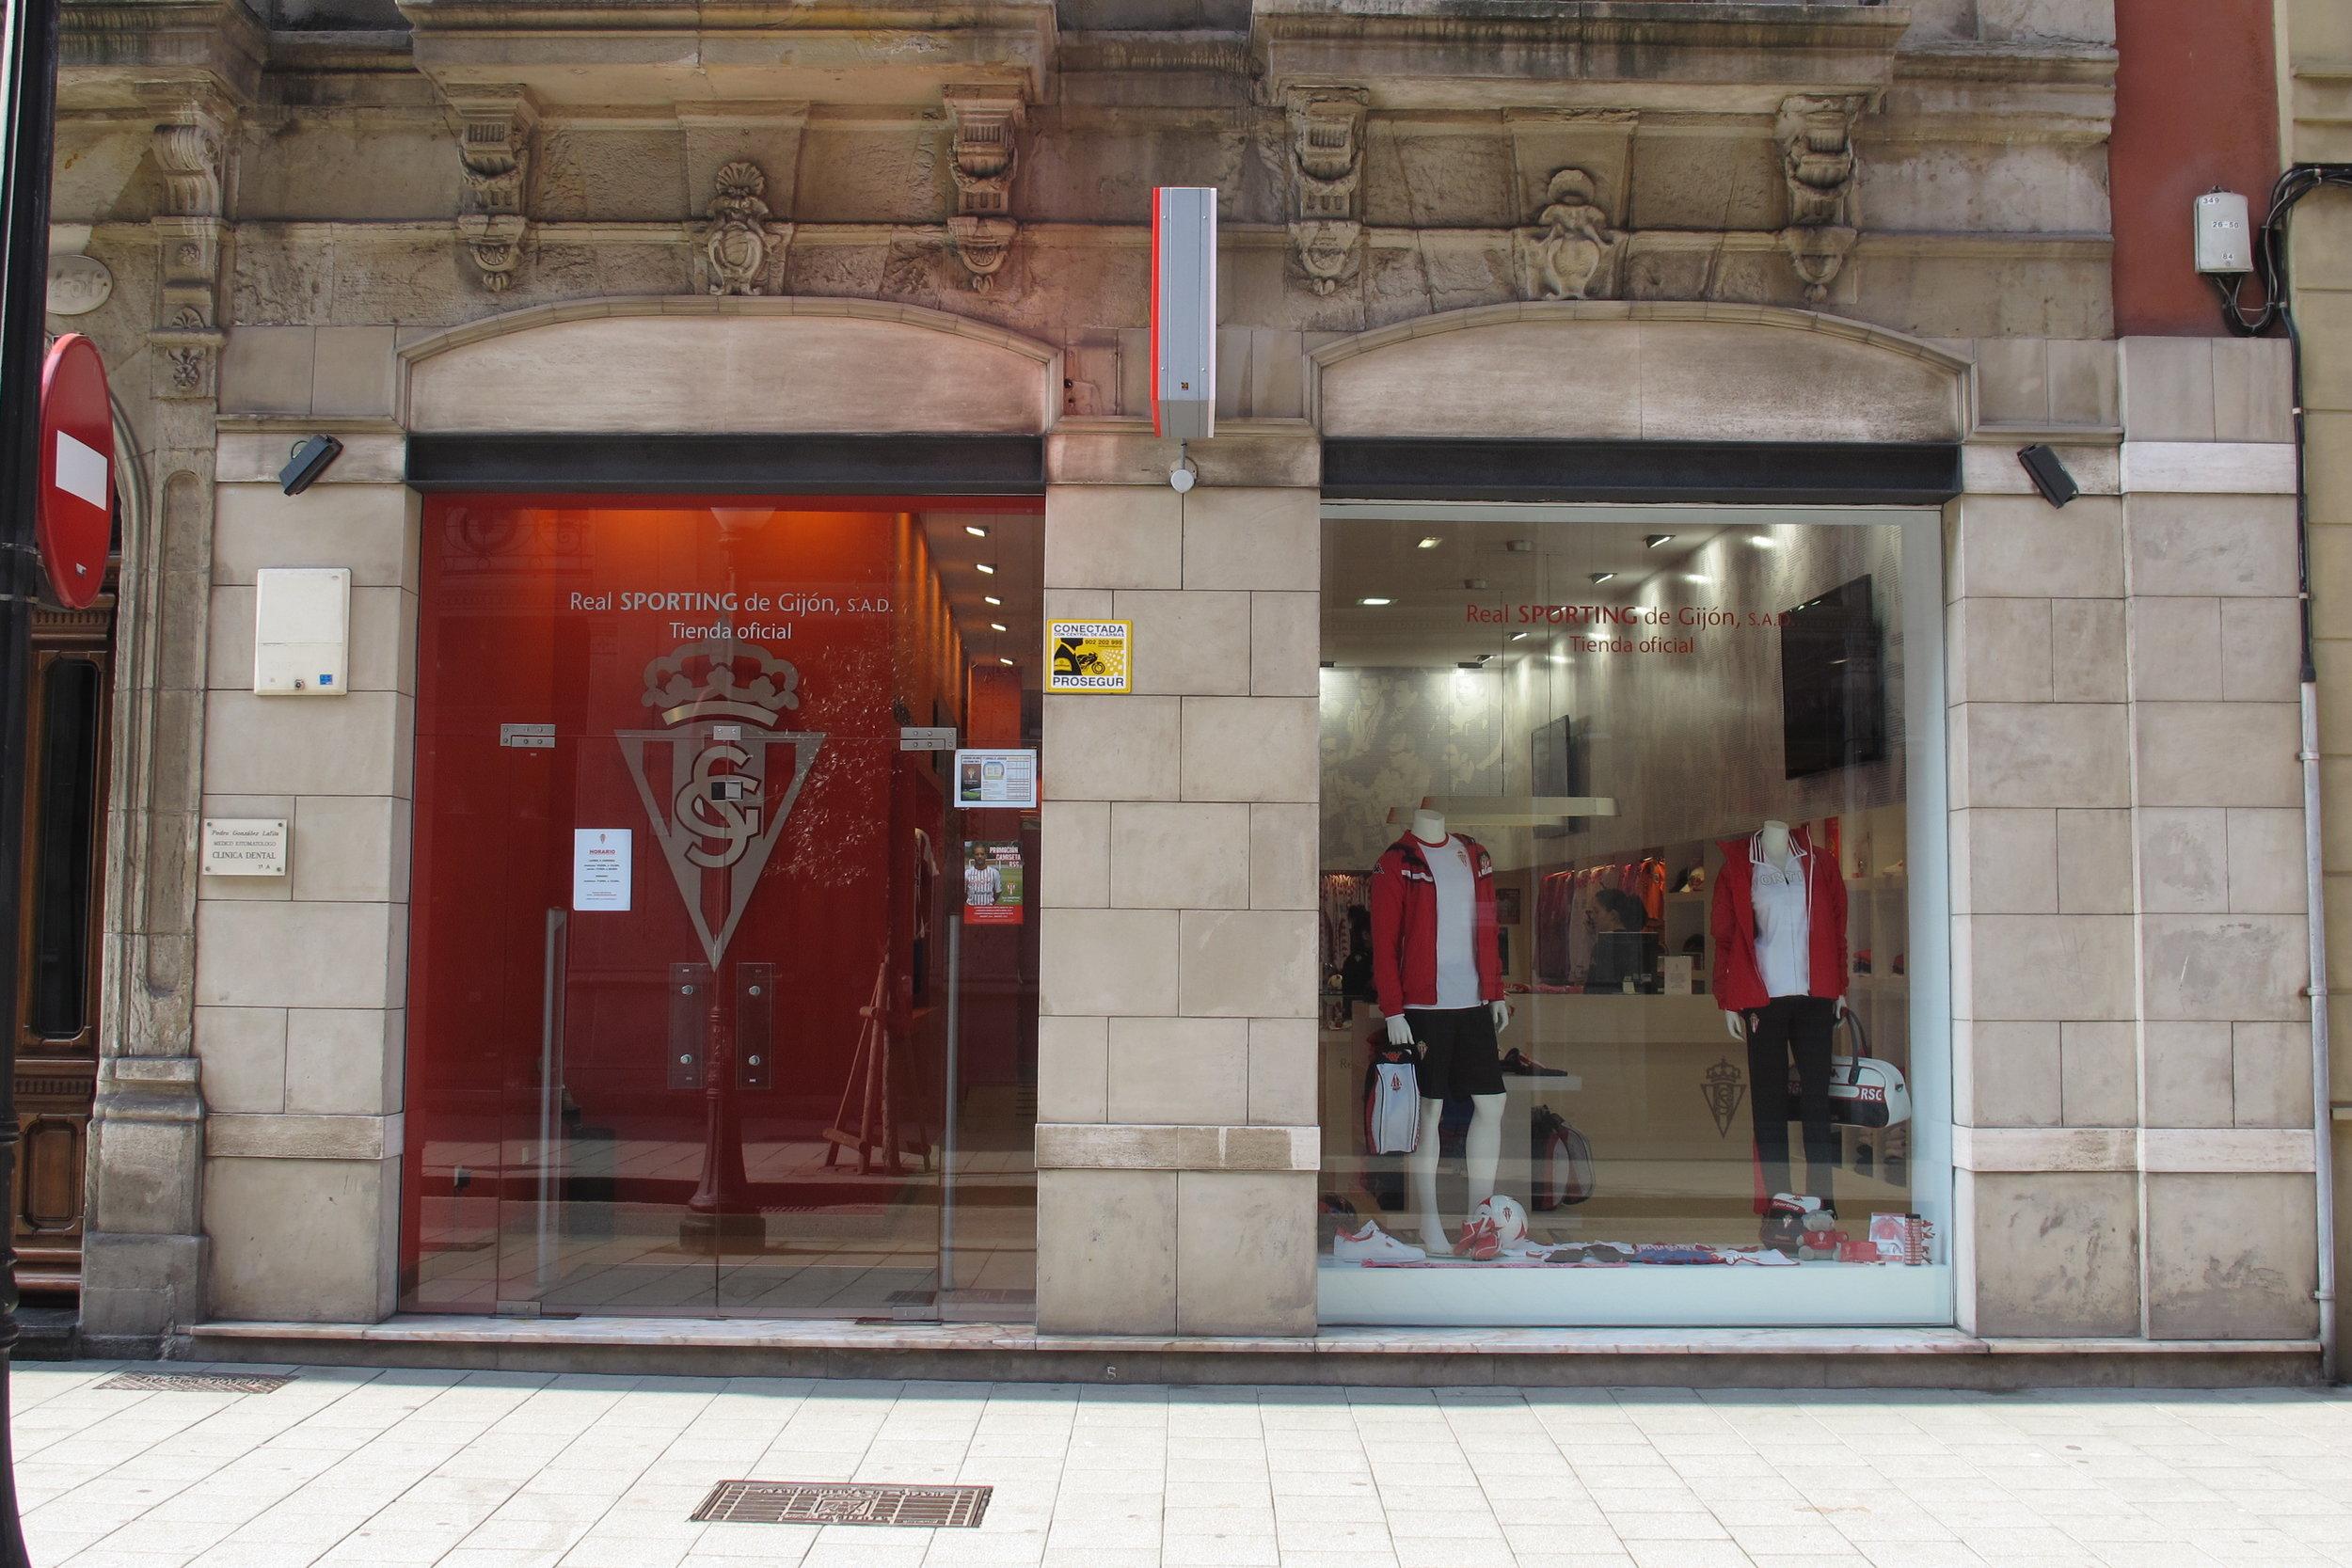 Tienda Oficial Real Sporting de Gijón